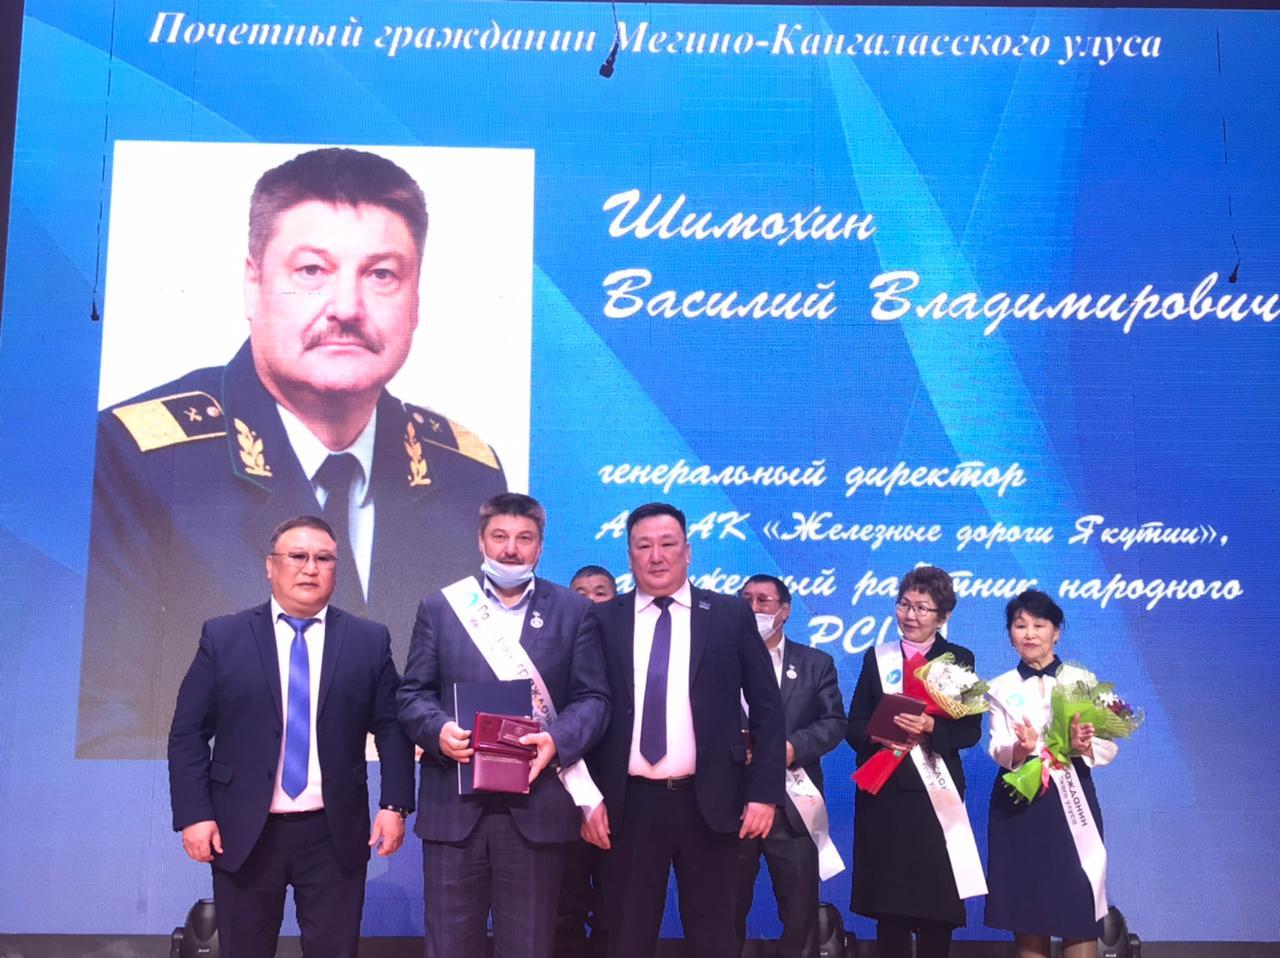 Генеральный директор АК «Железные дороги Якутии» стал Почетным гражданином Мегино-Кангаласского улуса